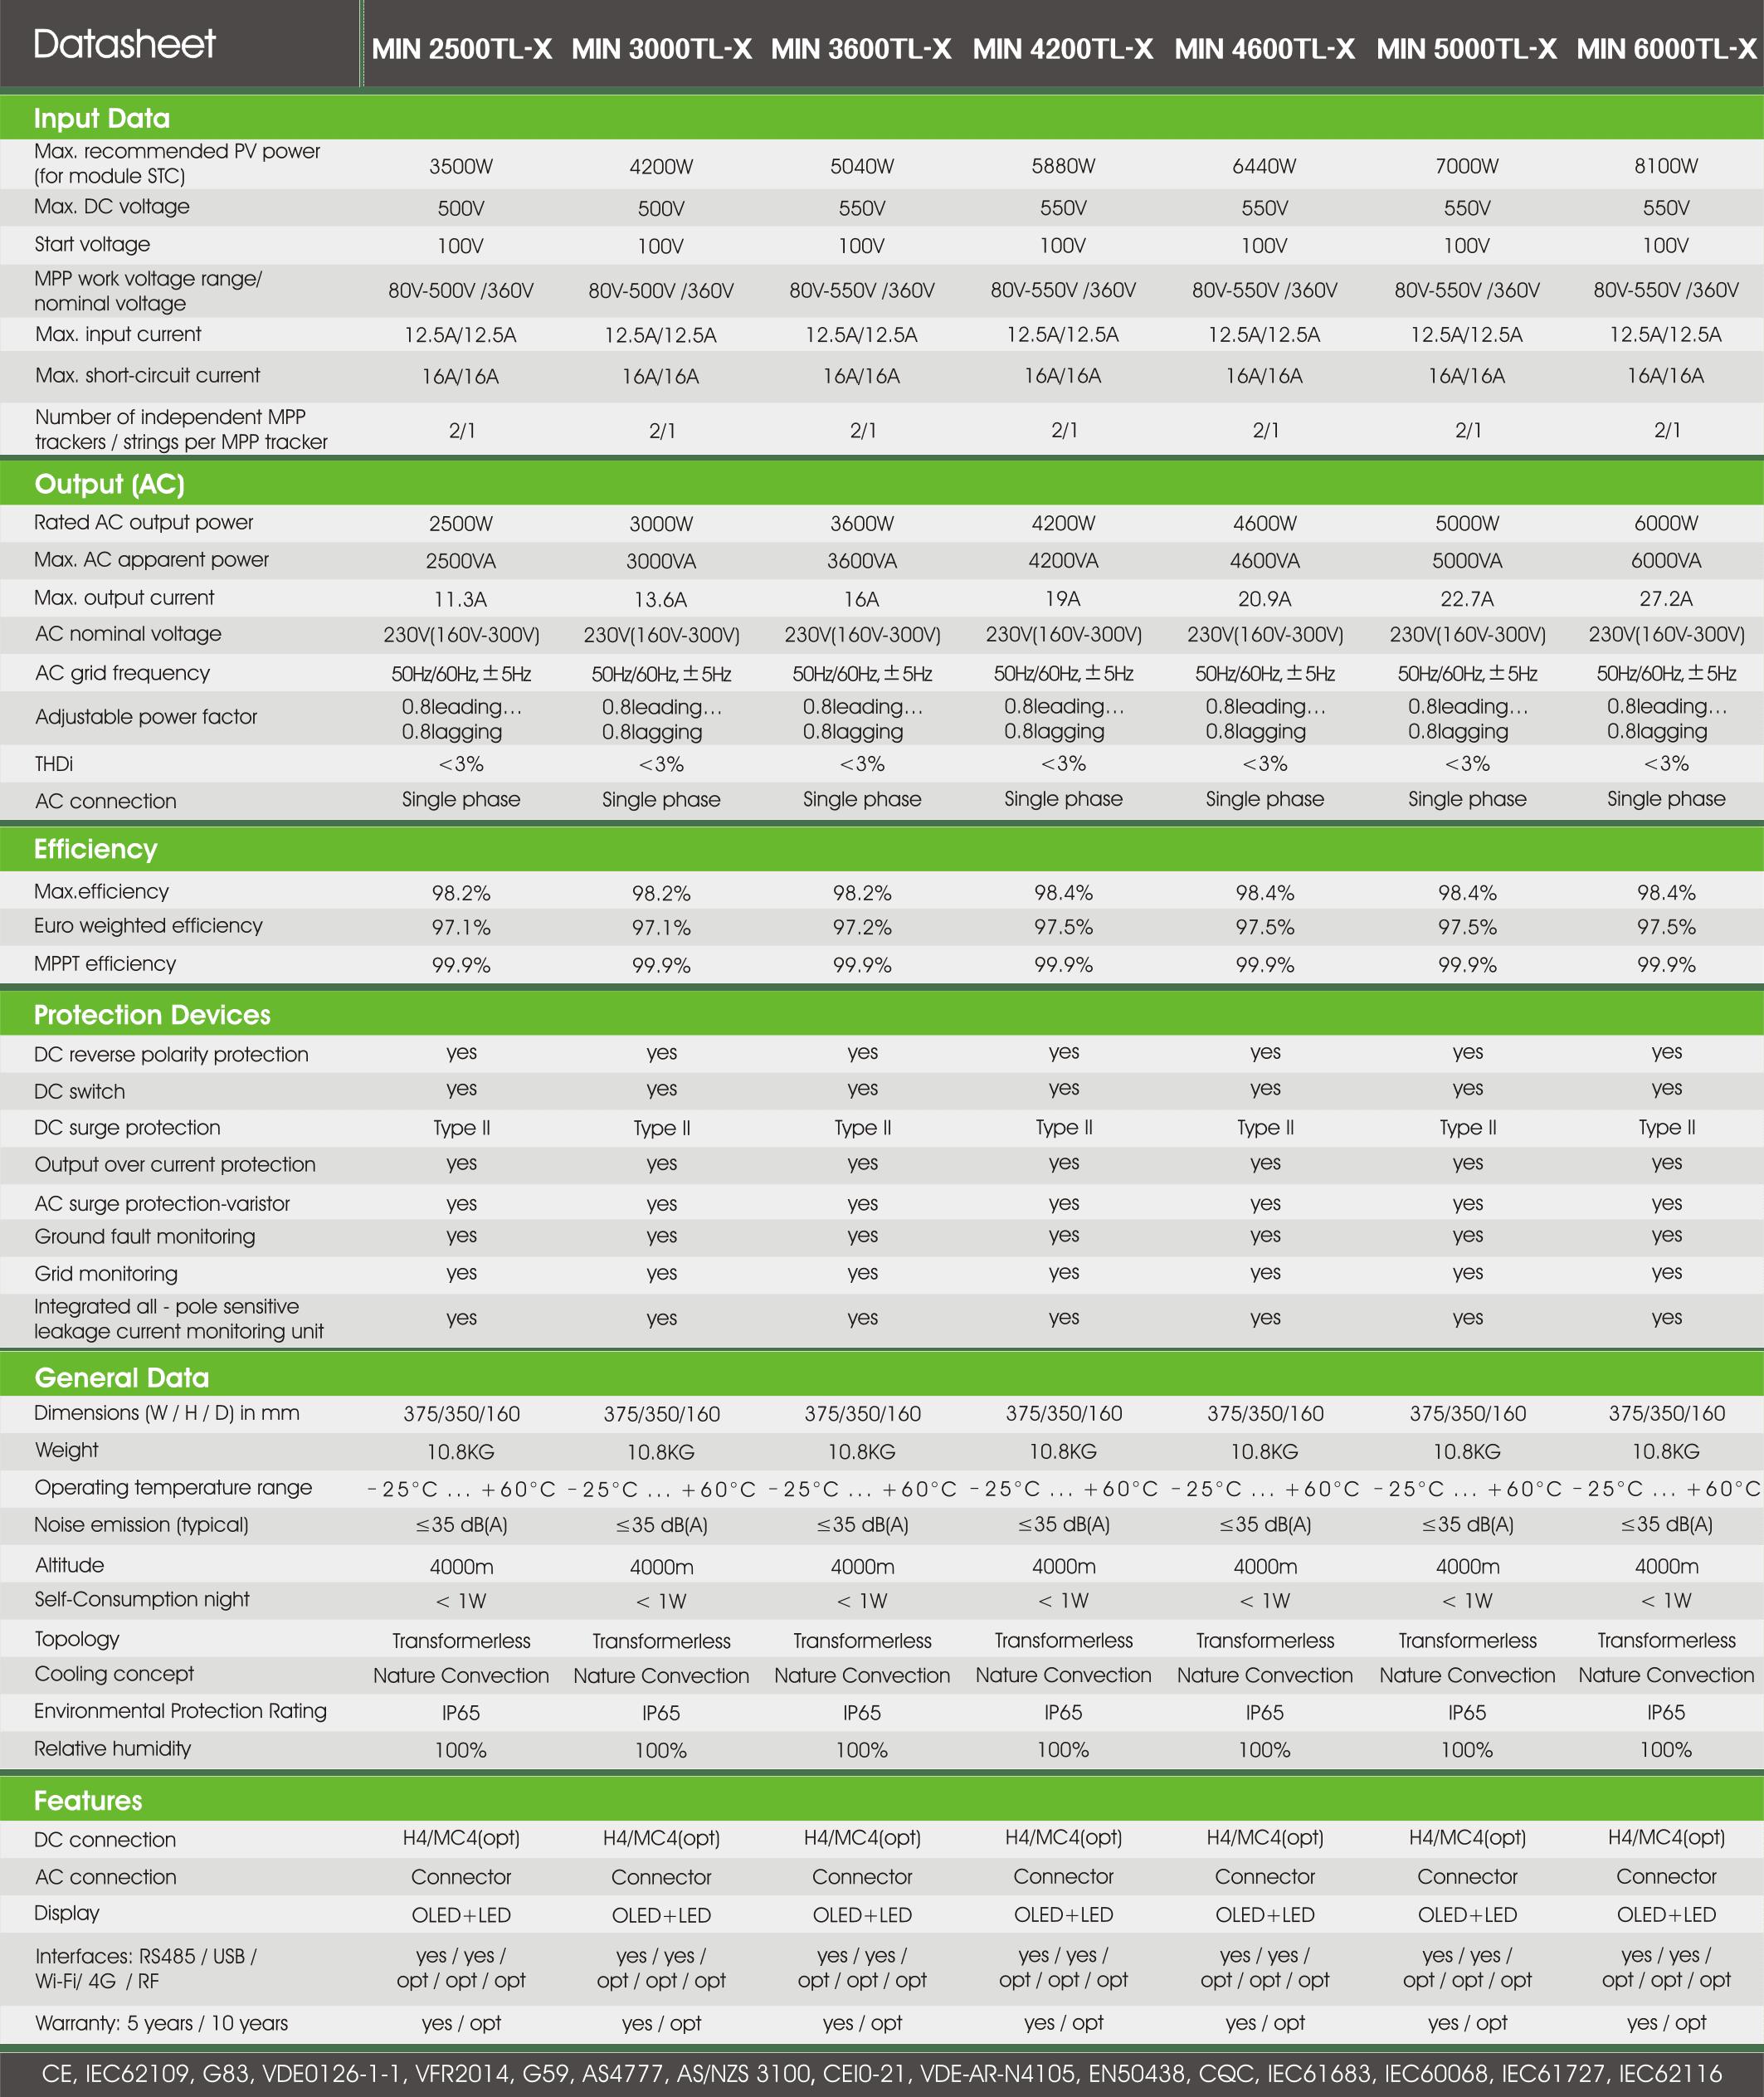 Growatt Min 2500-6000Tl-X PDF | Sernolux.com